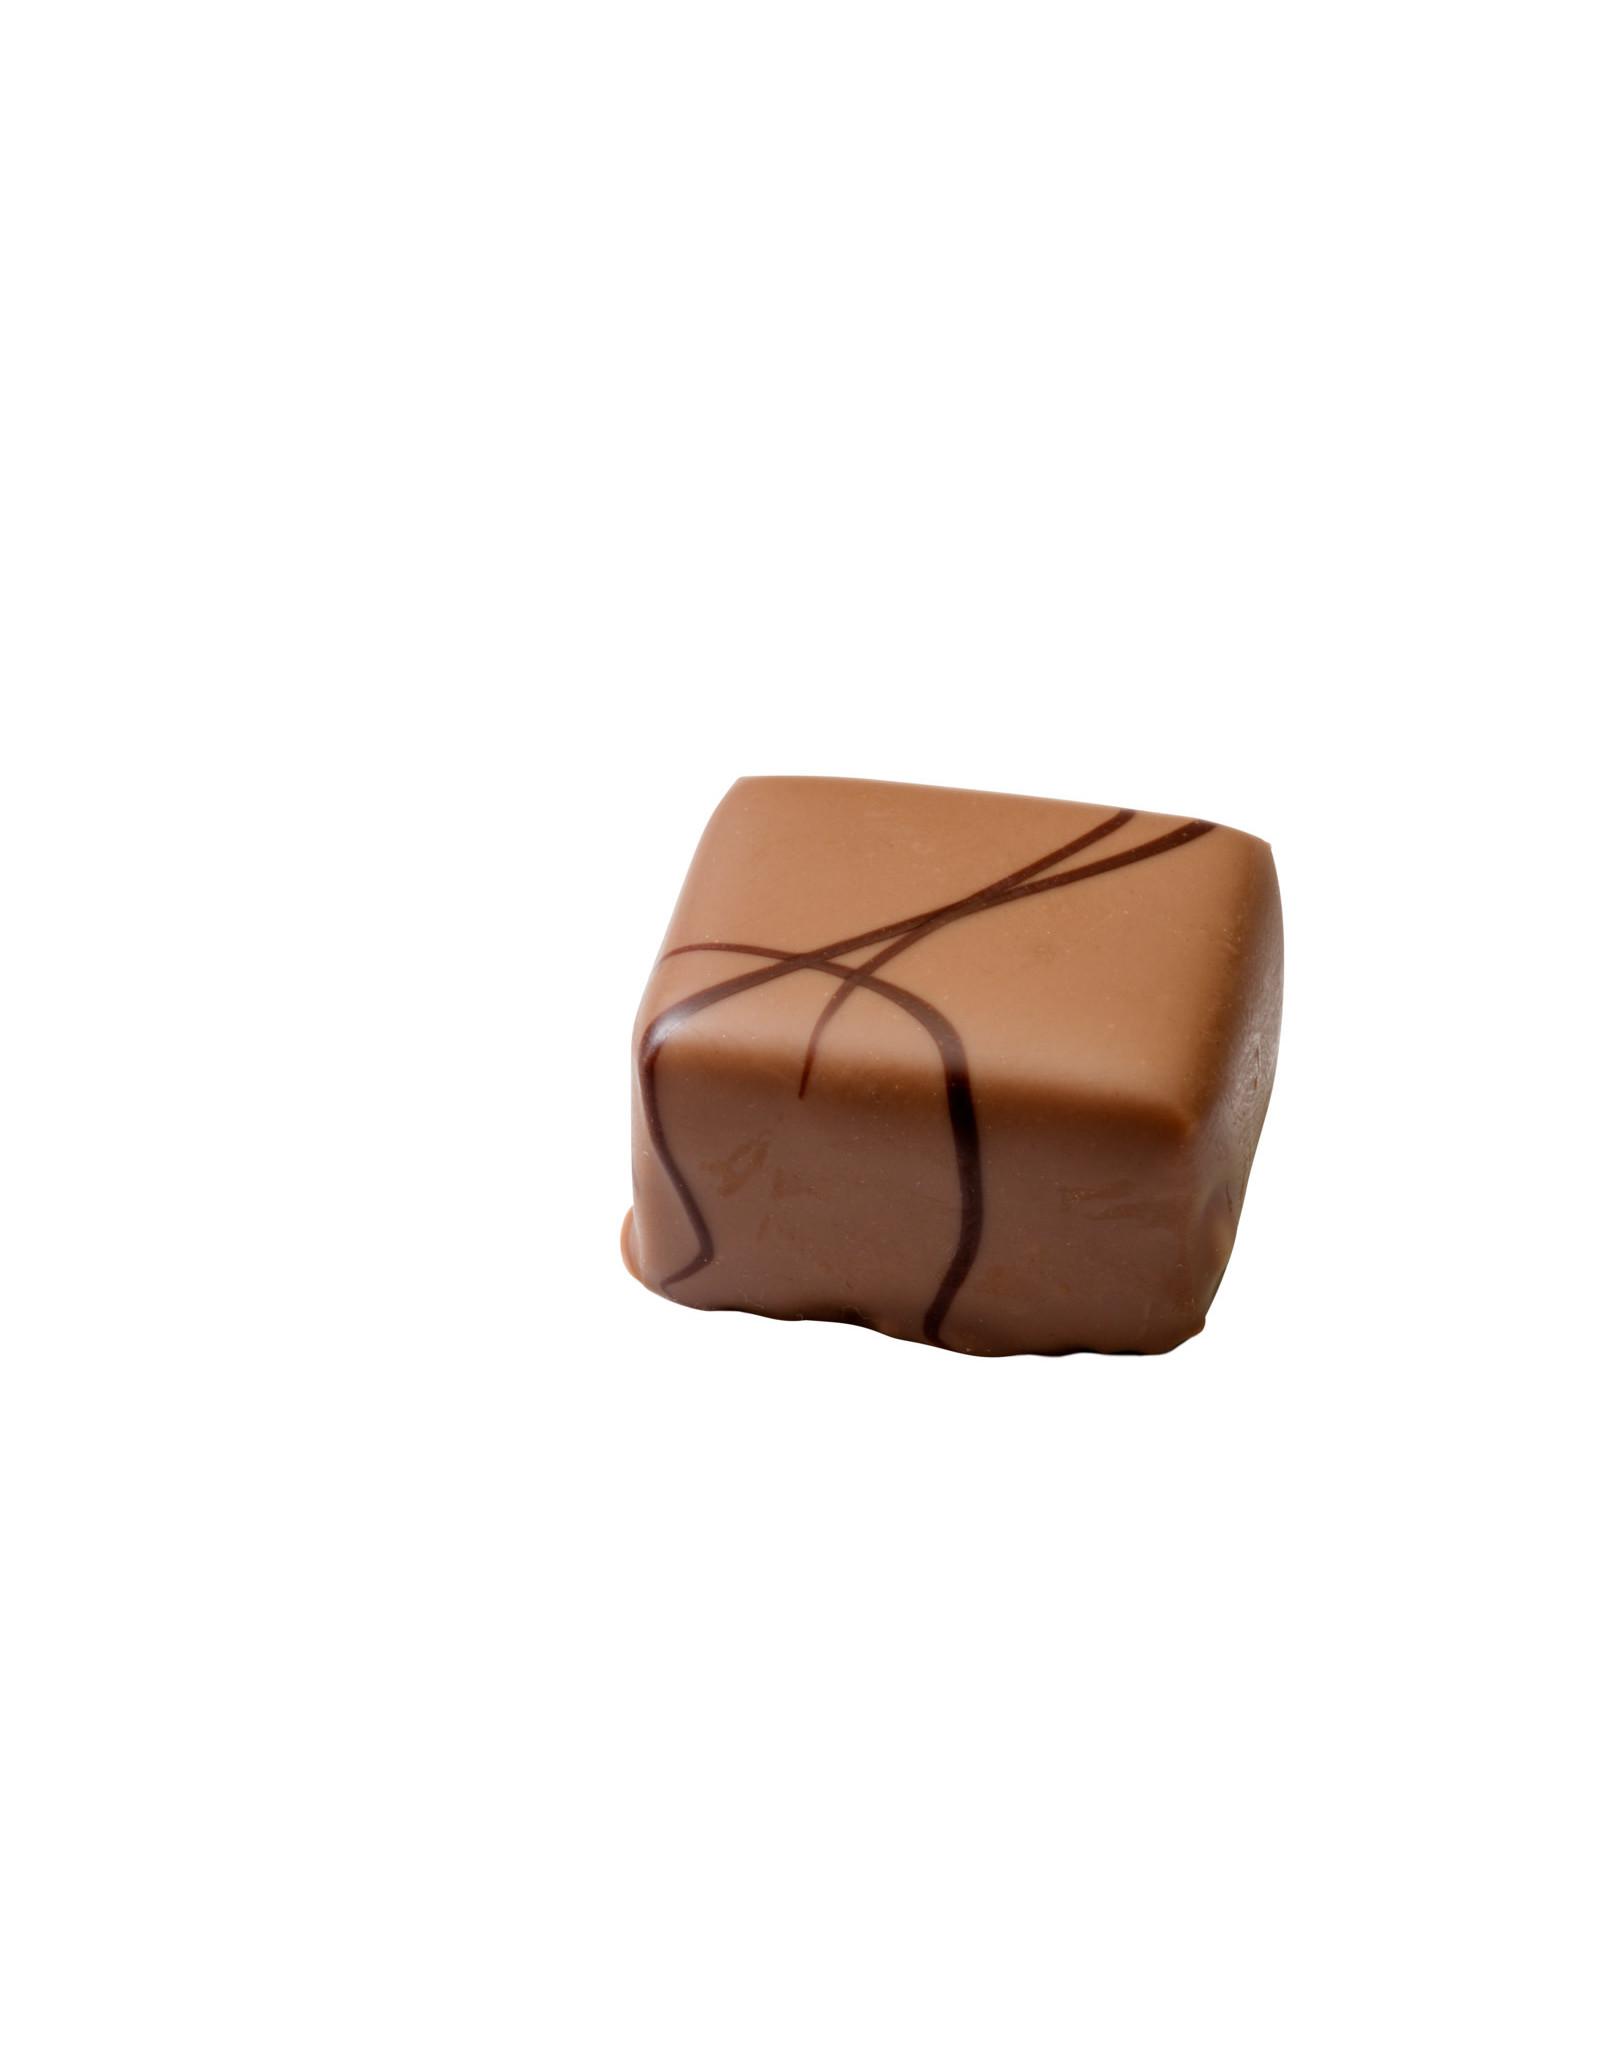 Visser Chocolade Tonkaboon